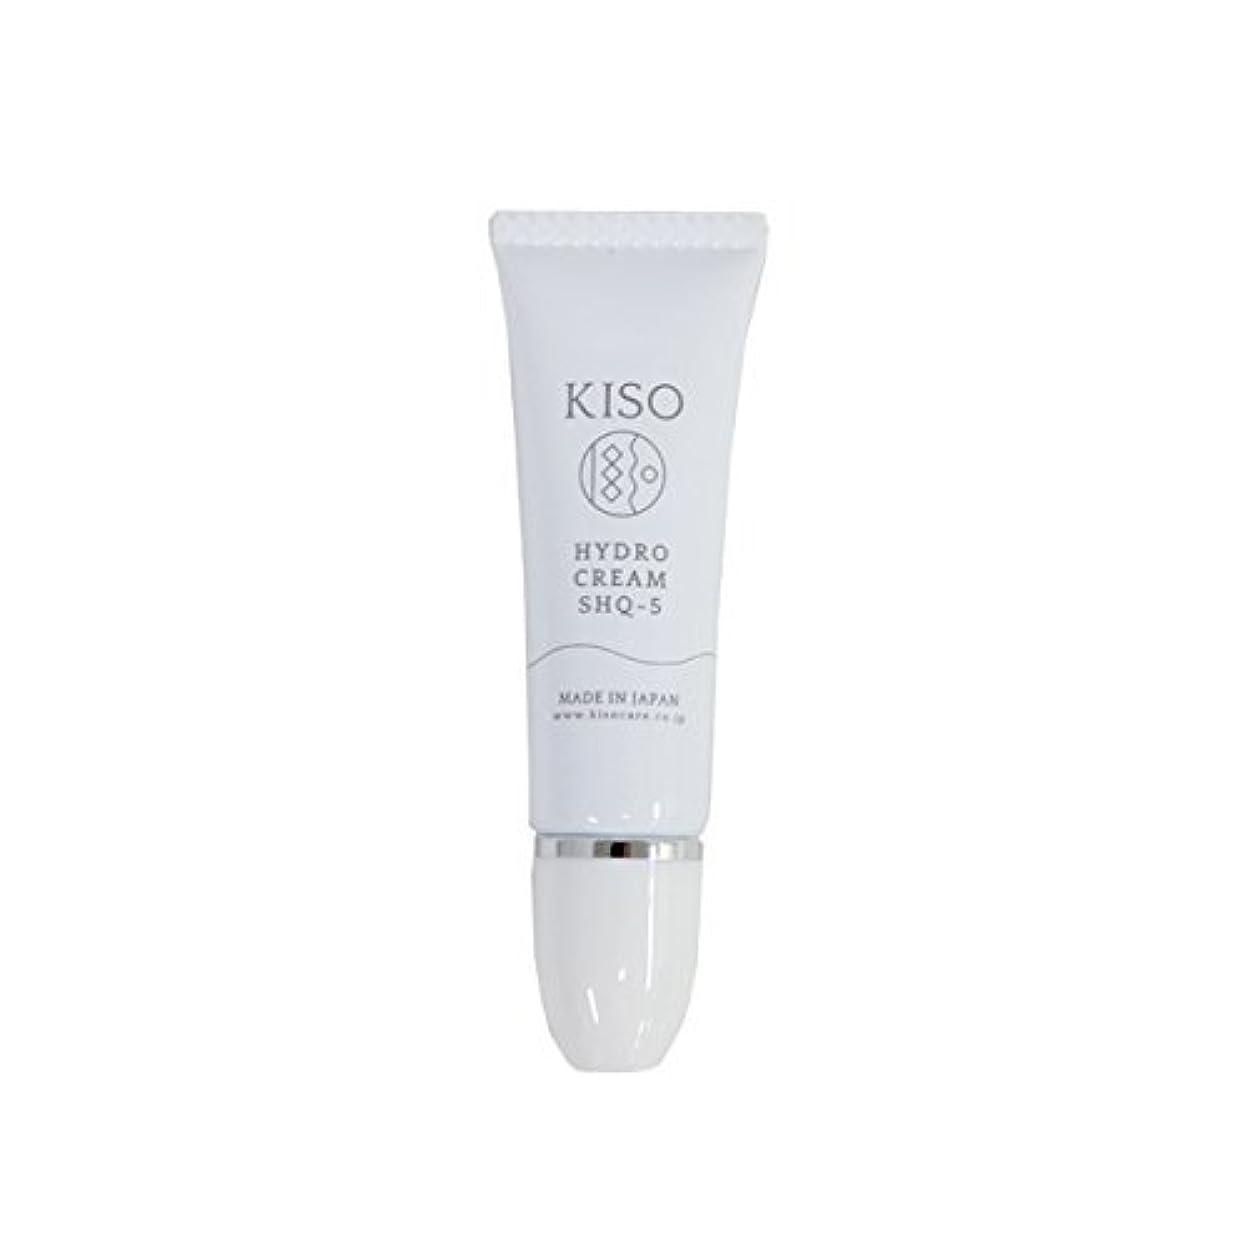 エキサイティング甘くする巨大KISO 安定型 ハイドロキノン 5%配合【ハイドロ クリーム SHQ-5 10g】スキンケアで肌を整えた後にちょこっとケア 日本製